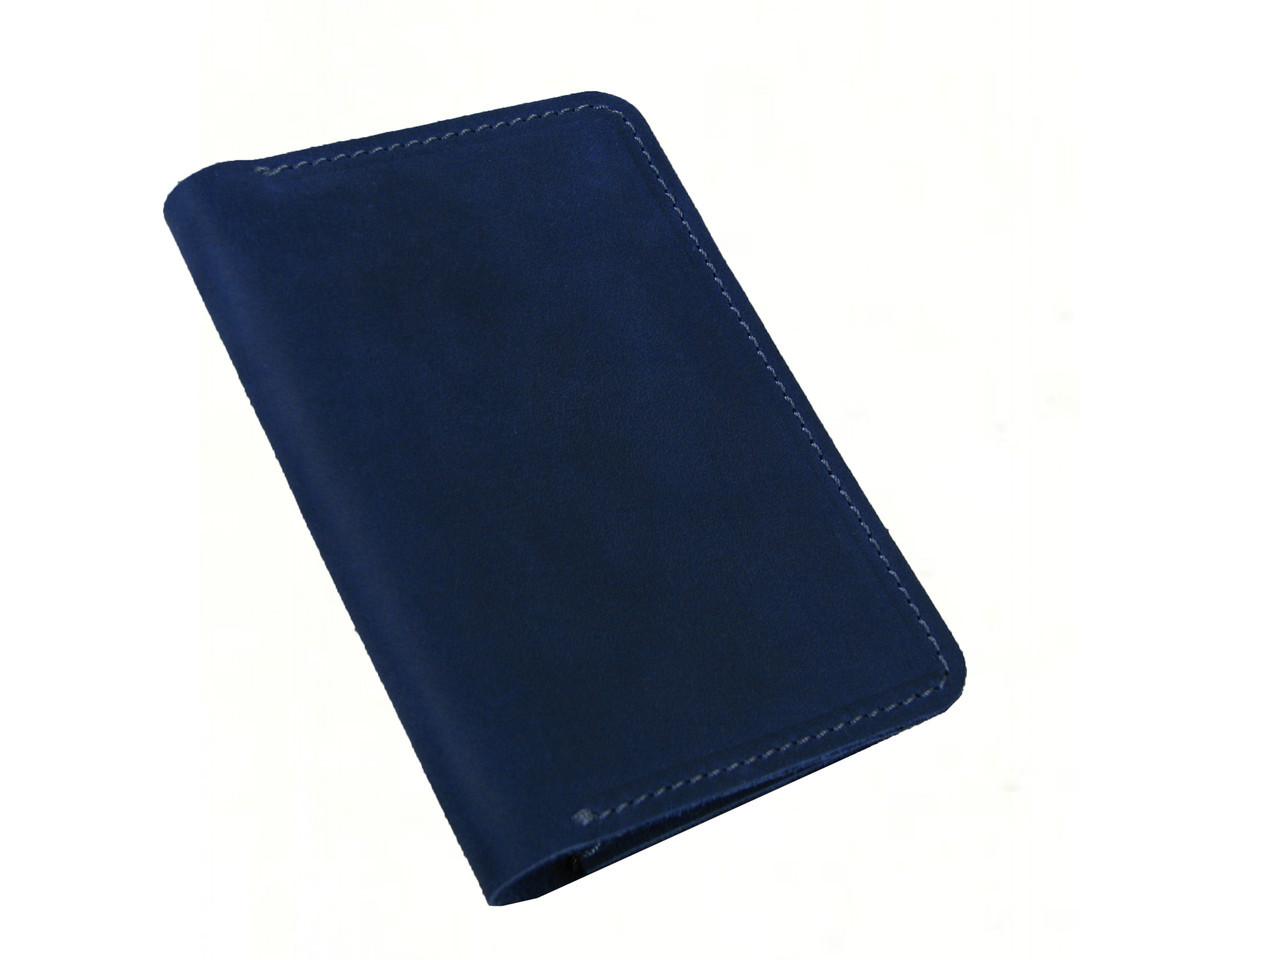 Обложка для паспорта GS кожаная синяя